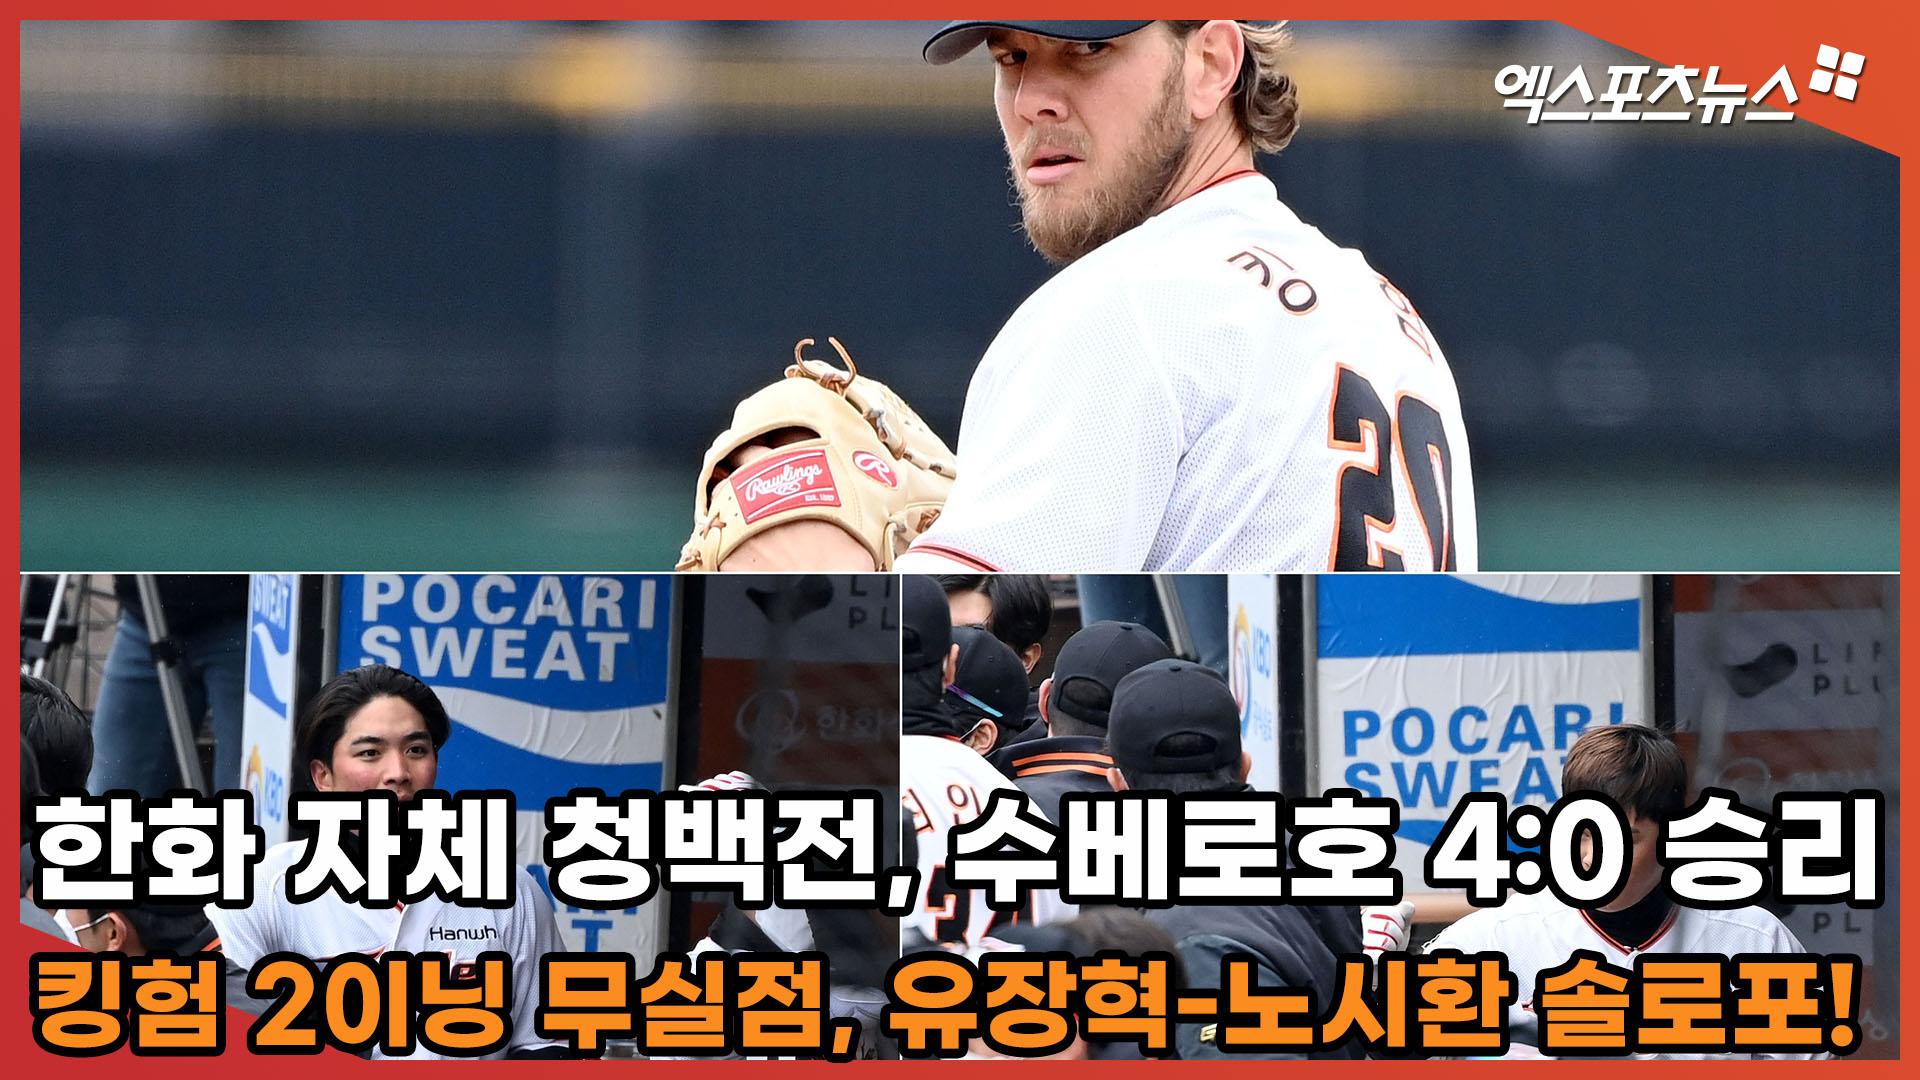 킹험 2이닝 무실점, 유장혁-노시환 홈런으로 퓨처스에 4:0 승리 [엑's 영상]